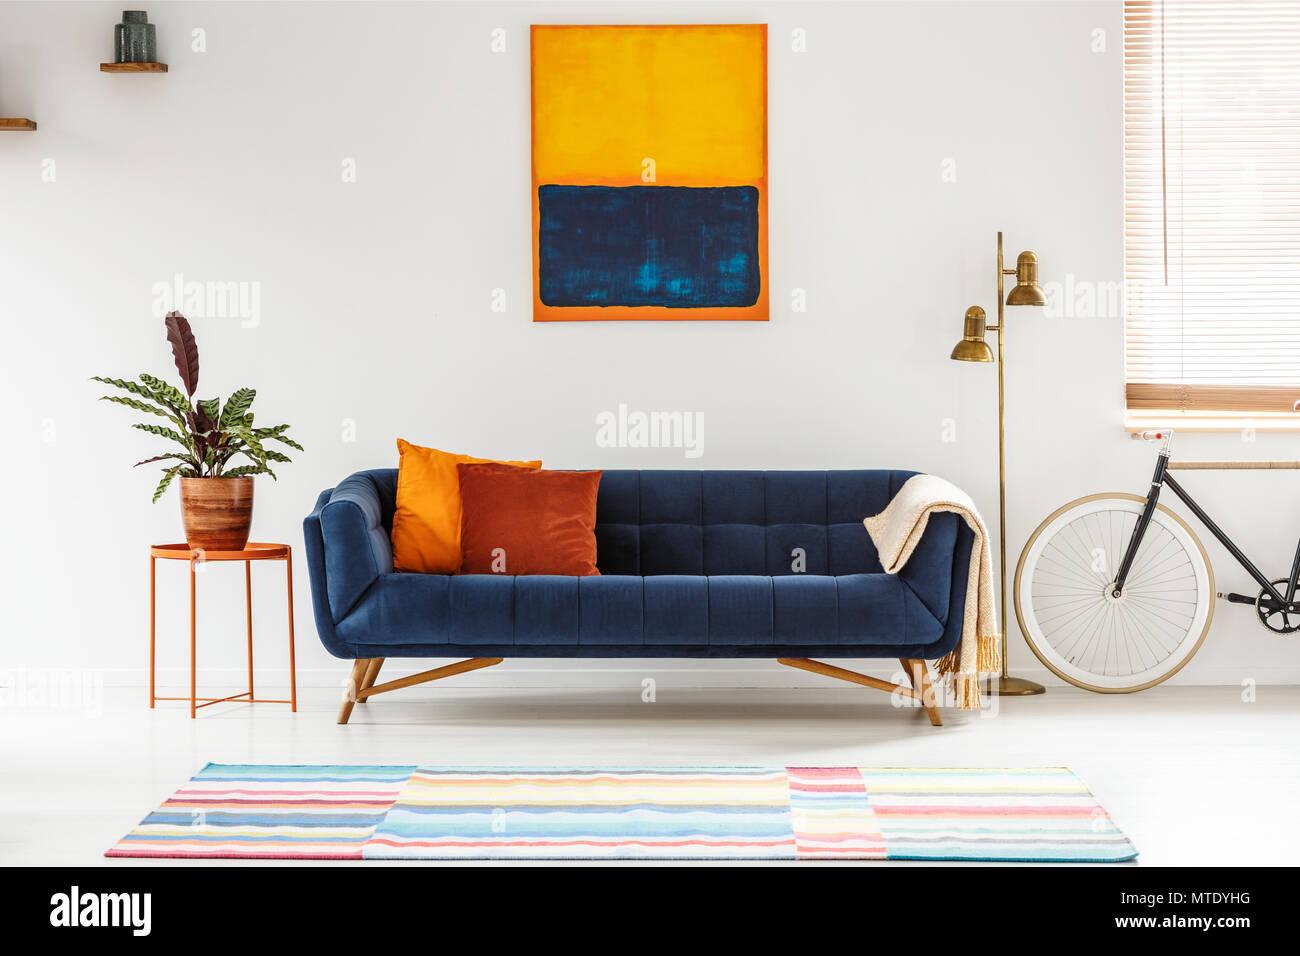 Divano arancione pareti voglia di mareu2026 blog for Divano blu colore pareti